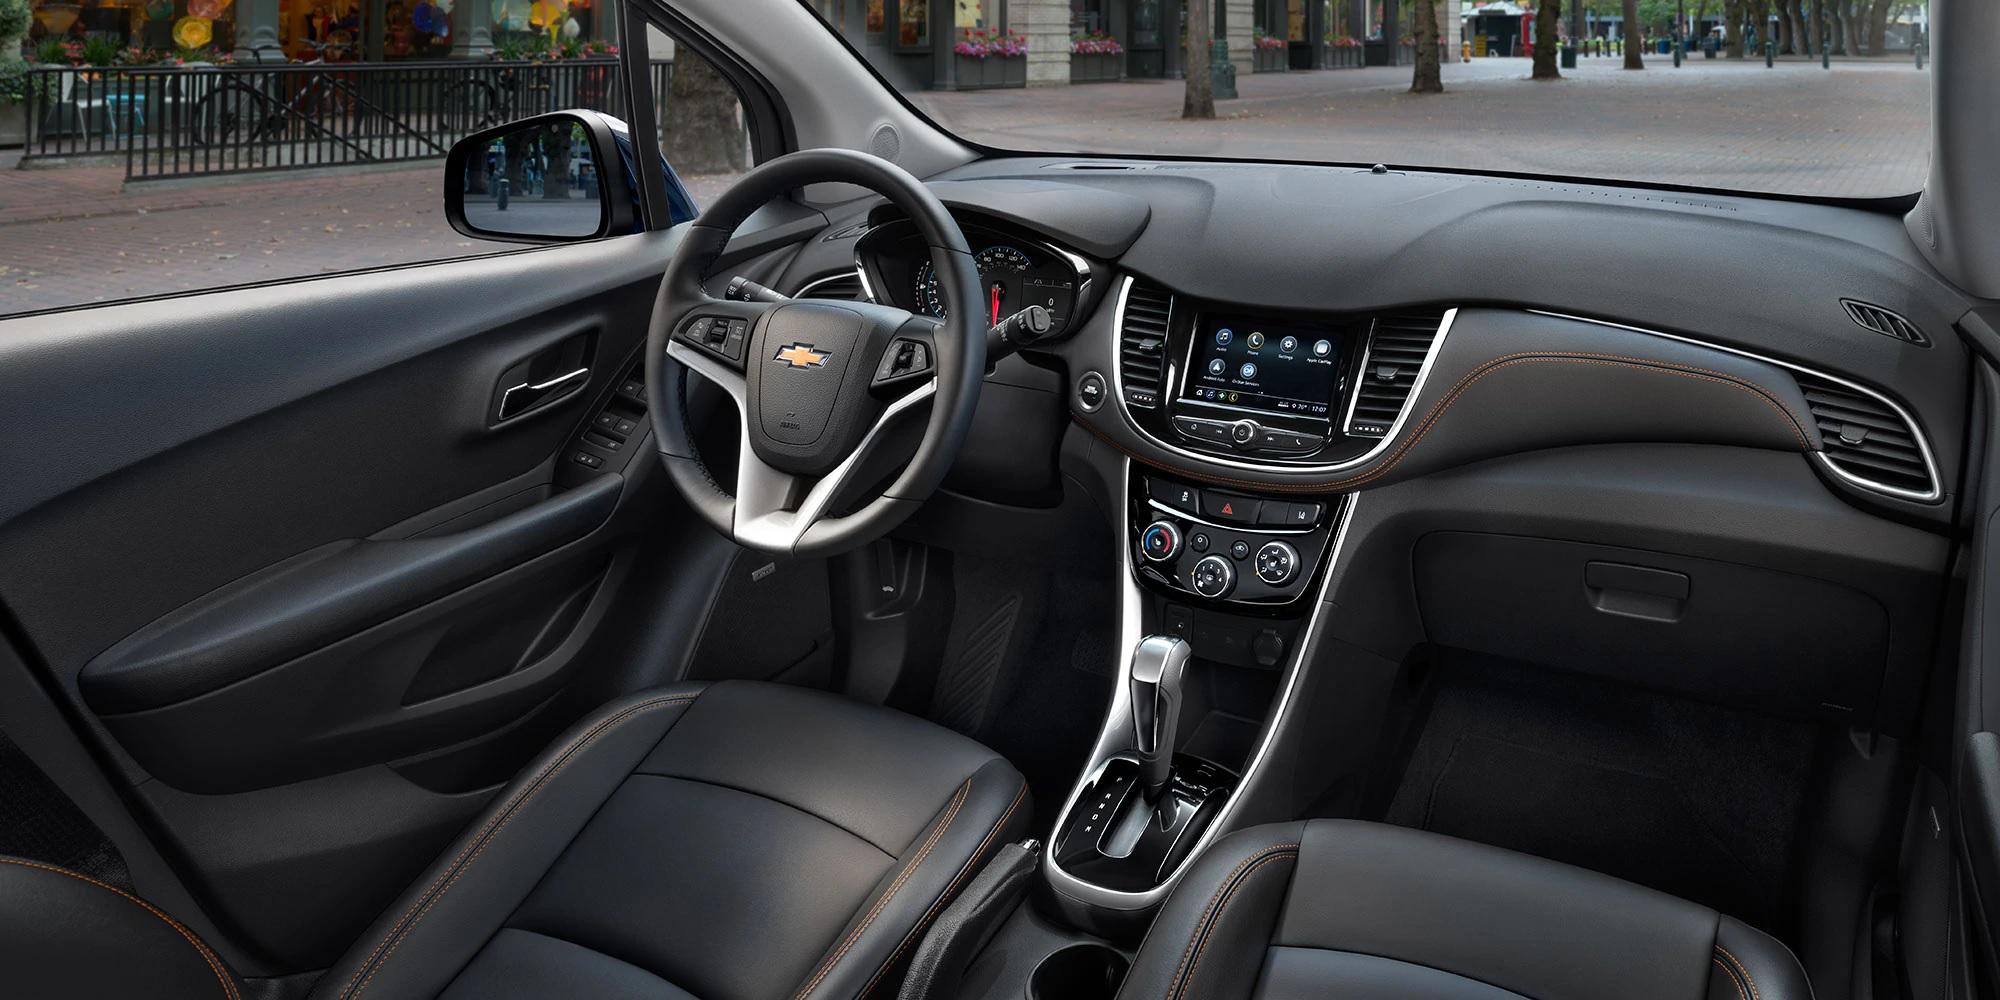 Foto del interior de la UV Chevrolet Trax 2019 compacta